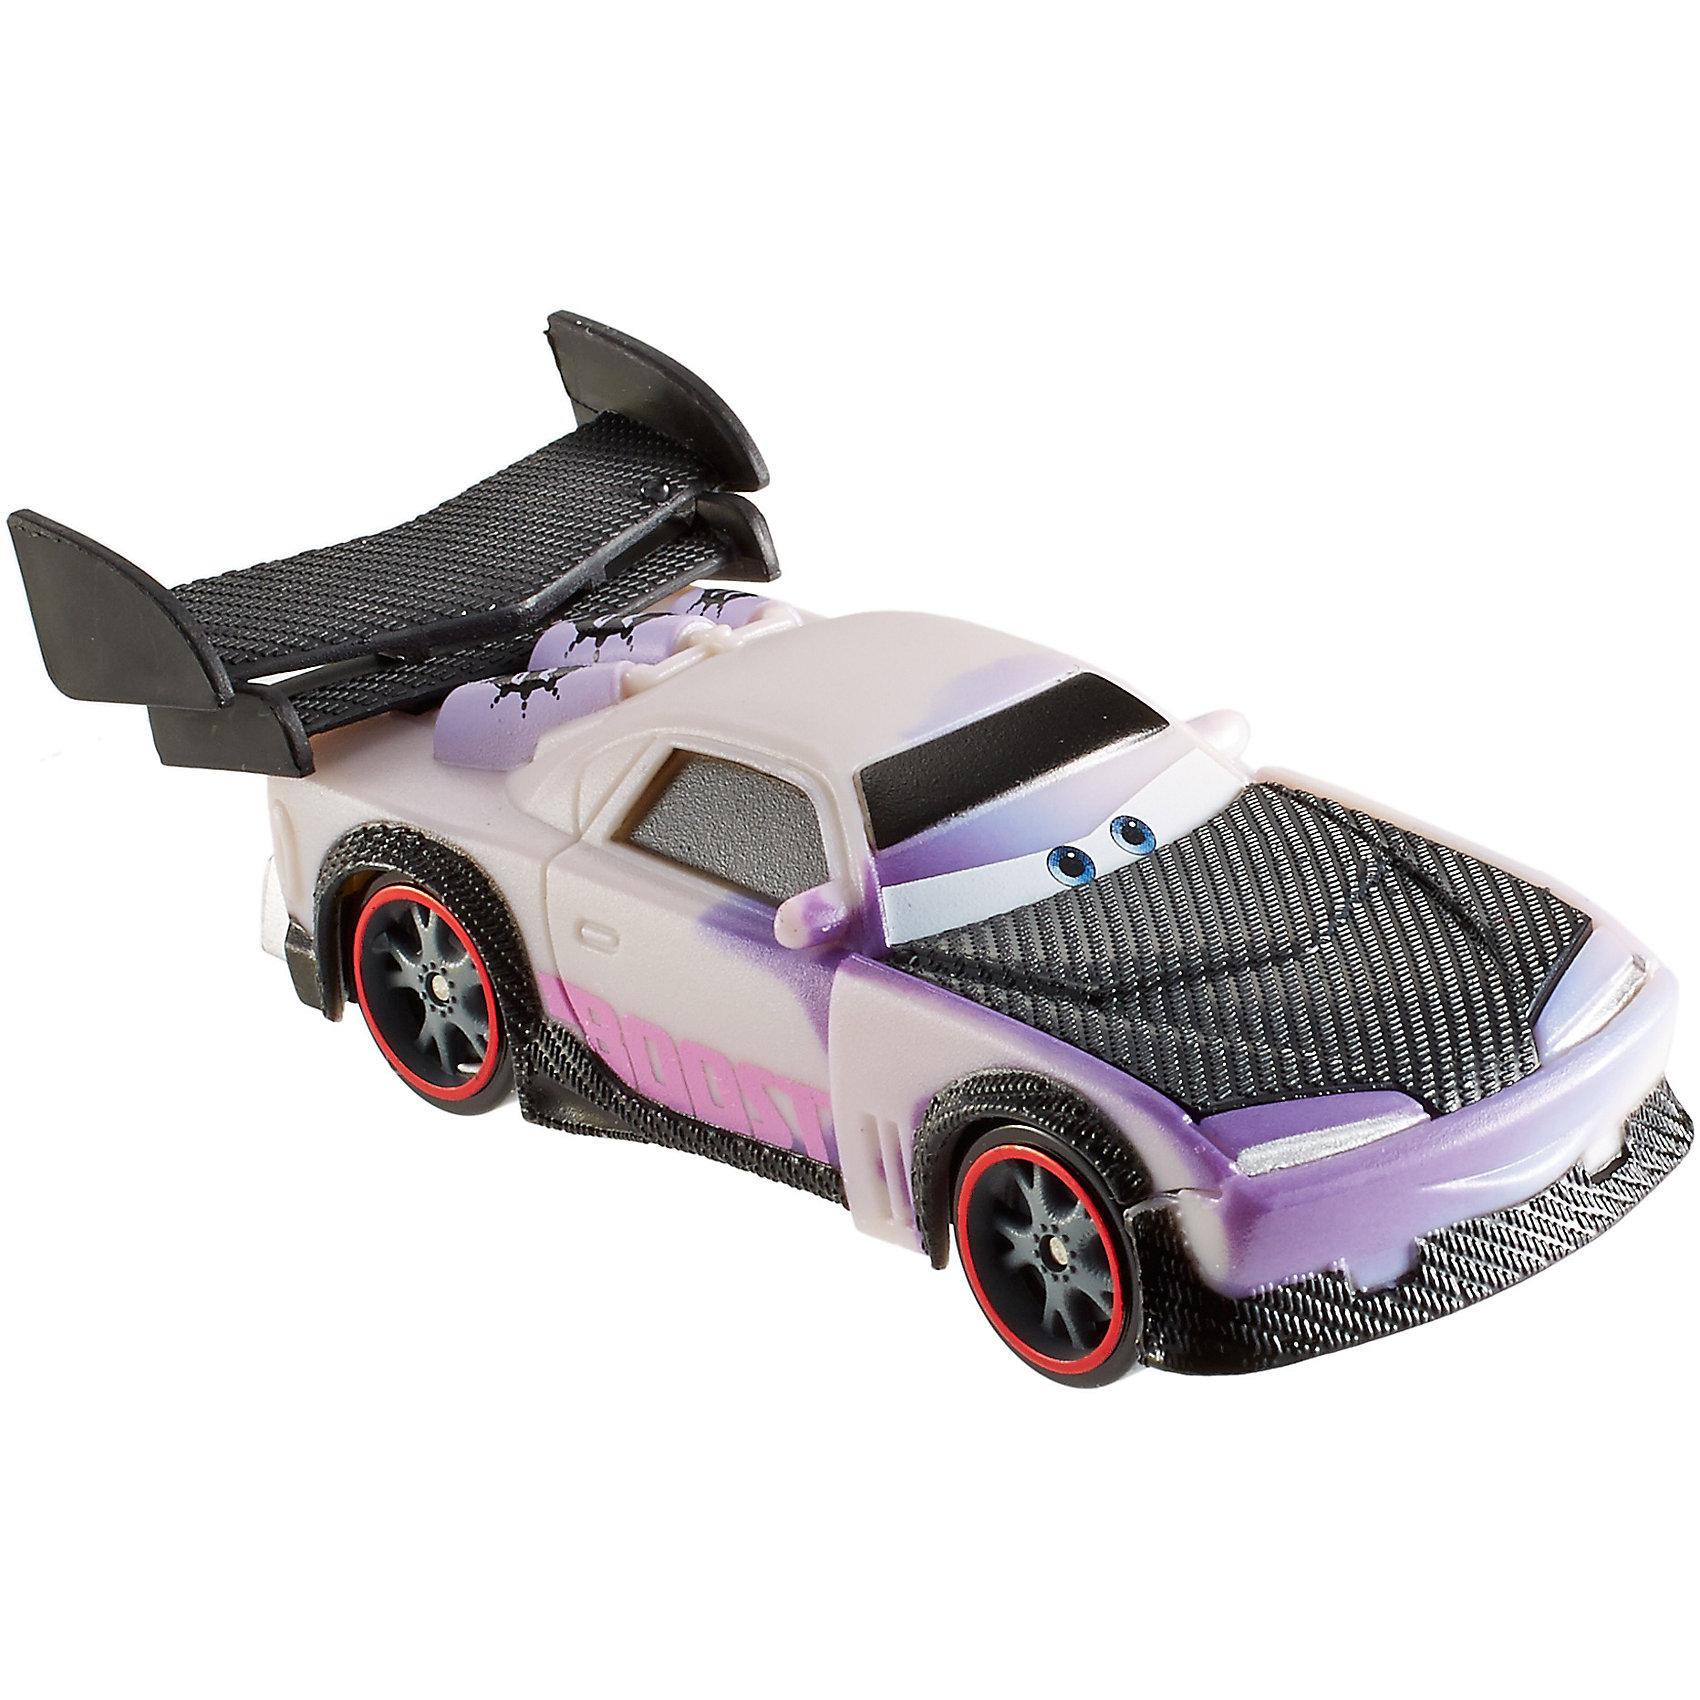 Машинка, меняющая цвет, ТачкиГоночные машинки и мотоциклы<br>Машинка, меняющая цвет, Тачки от Mattel (Маттел) ? герои любимого мультфильма Тачки представлены в новой уникальной серии Color Changers от Mattel. Машинка выполнена из высококачественного пластика, устойчивого к механическим повреждениям. У машины вращающиеся колеса и инерционный механизм. <br>Машинка выполнена в фиолетовом цвете главного героя Буста. При погружении в воду, корпус машинки меняет цвет, насыщенность цвета зависит от температуры воды.<br>Машинка, меняющая цвет, Тачки от Mattel (Маттел) позволит не только создать уникальный дизайн машинки, но и воспроизвести полюбившиеся сцены из мультфильма или придумать свою историю с главными героями.<br><br>Дополнительная информация:<br><br>- Вид игр: сюжетно-ролевые <br>- Предназначение: для дома<br>- Серия: Color Changers<br>- Материал: пластик<br>- Размер: 4,5*14*21,5 см<br>- Вес: 84 г <br>- Особенности ухода: разрешается мыть<br><br>Подробнее:<br><br>• Для детей в возрасте: от 3 лет и до 10 лет<br>• Страна производитель: Китай<br>• Торговый бренд: Mattel<br><br>Машинку, меняющую цвет, Тачки от Mattel (Маттел) можно купить в нашем интернет-магазине.<br><br>Ширина мм: 45<br>Глубина мм: 140<br>Высота мм: 215<br>Вес г: 84<br>Возраст от месяцев: 36<br>Возраст до месяцев: 120<br>Пол: Мужской<br>Возраст: Детский<br>SKU: 4918465